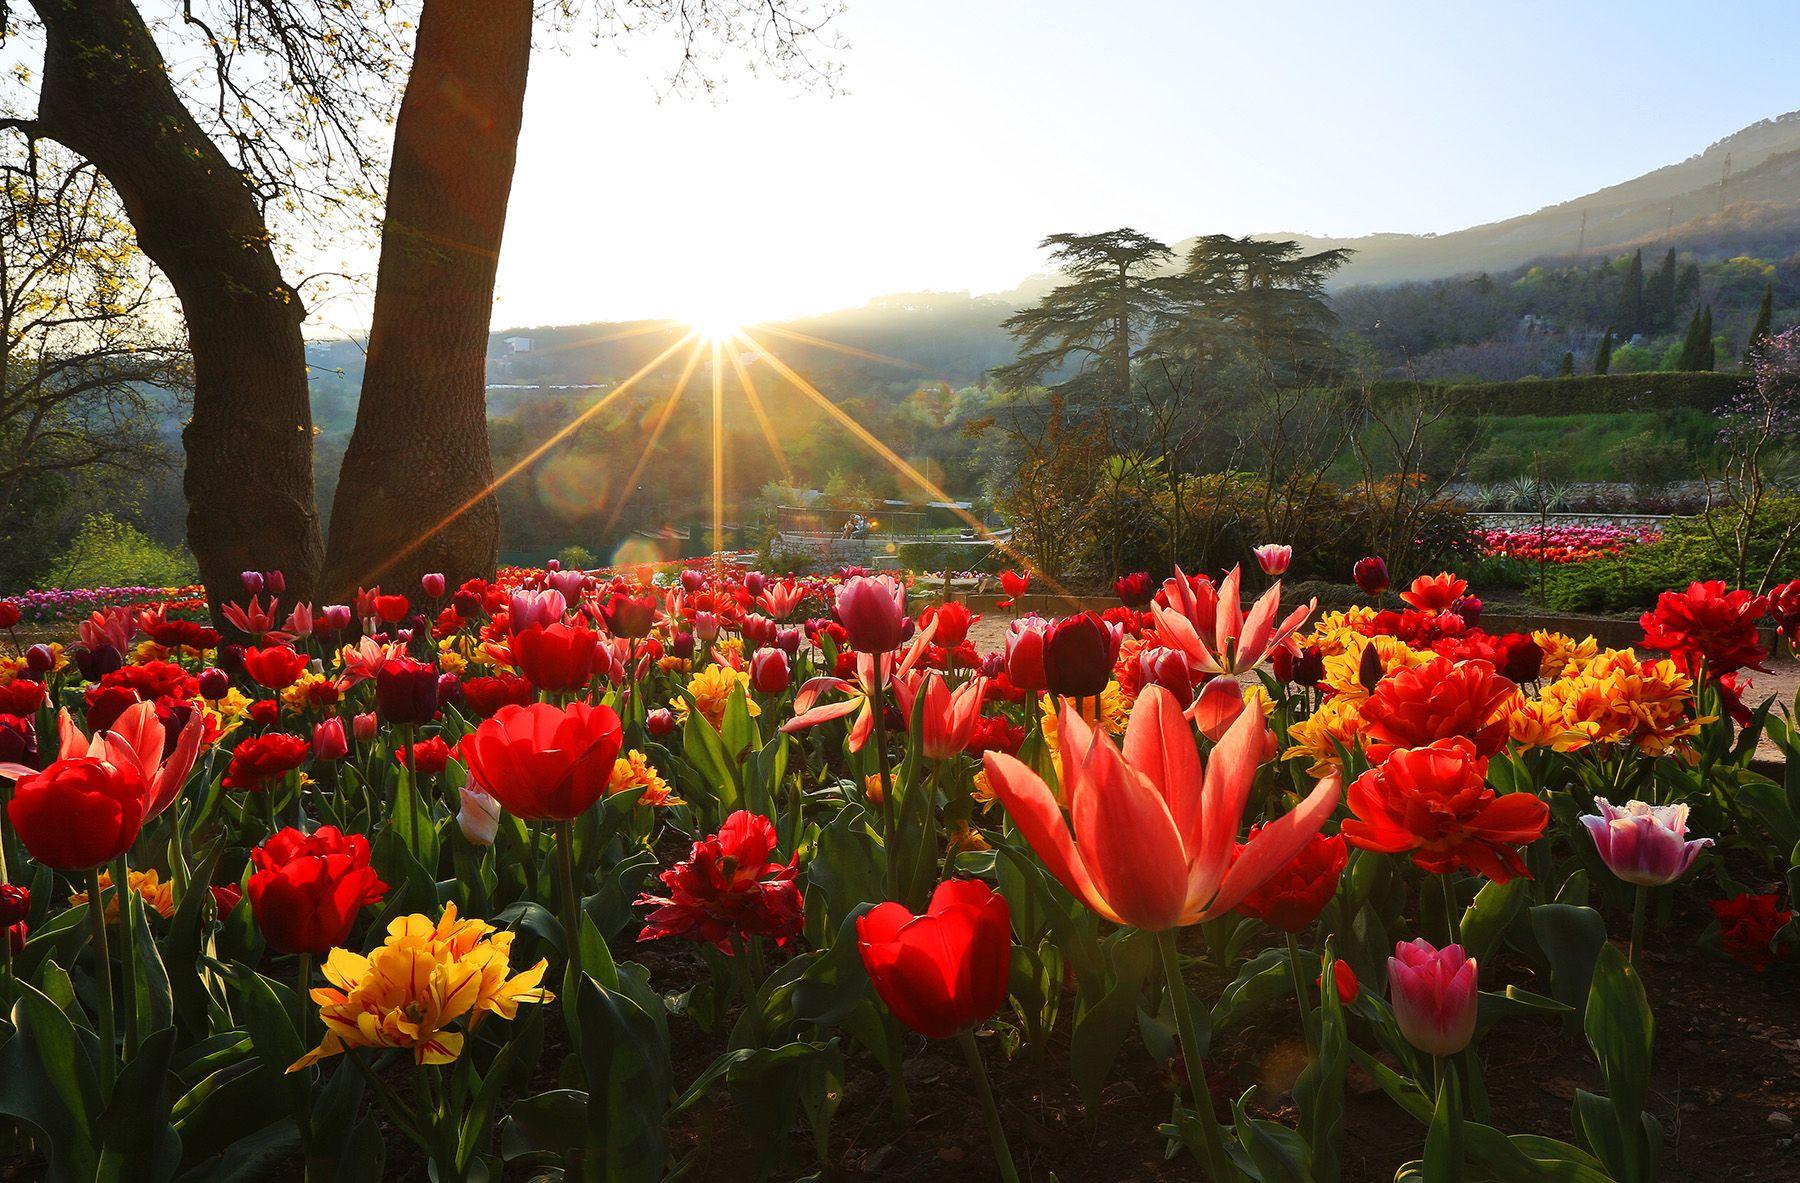 Выставка тюльпанов Никитский сад Выставка тюльпанов Ялта Крым НБС цветы весна в Ялте